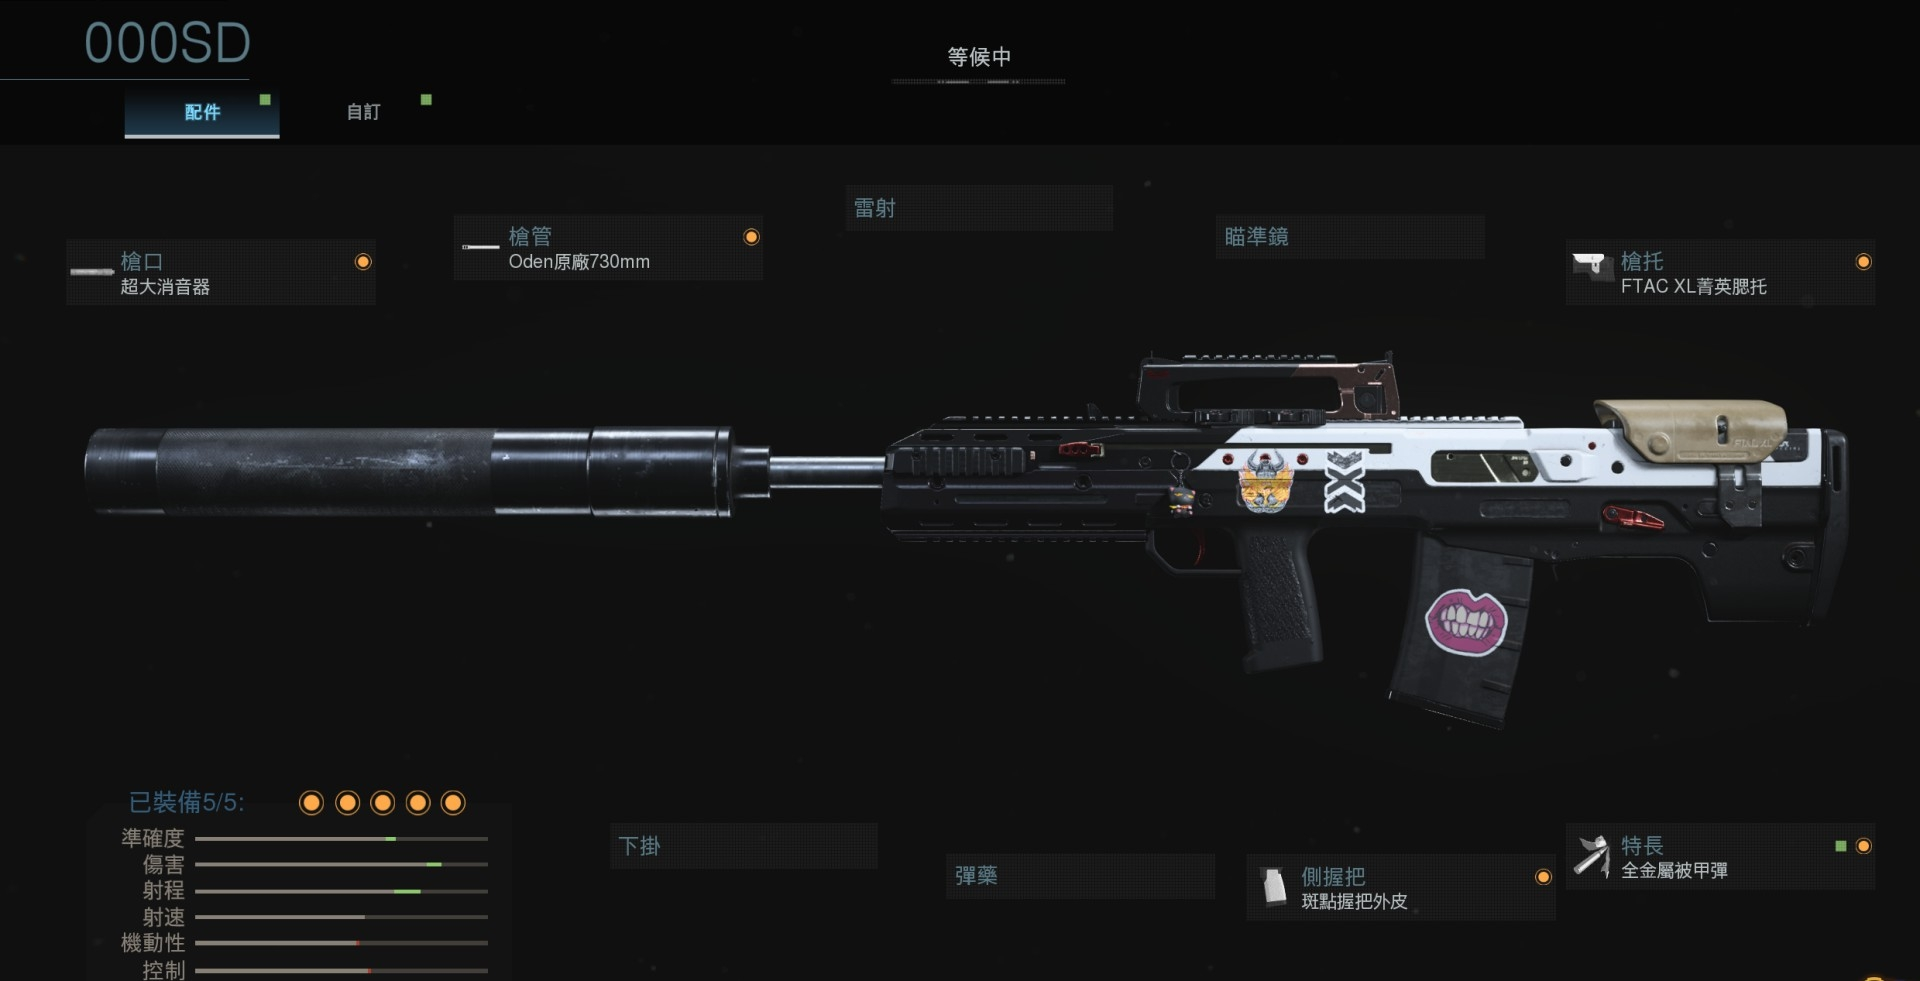 《使命召唤16》Oden武器配件选择心得